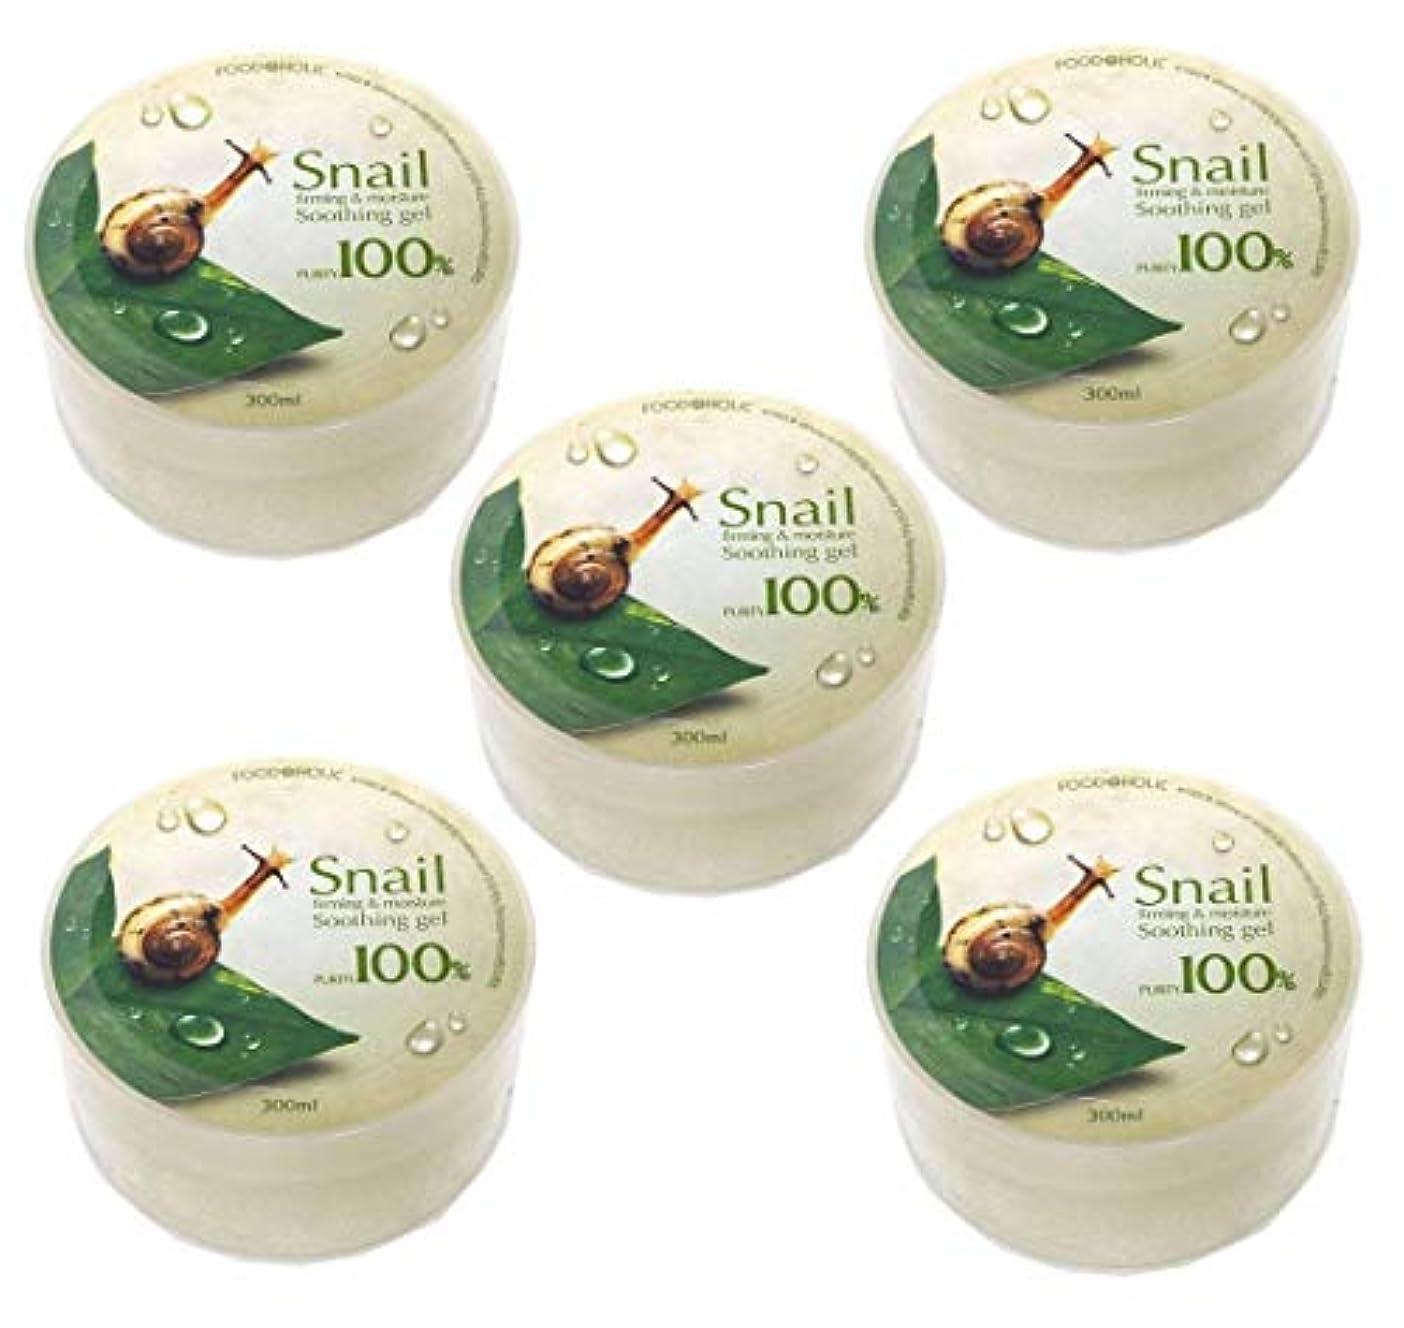 札入れ侵入アラーム[Food A Holic] スネイルファーミング&水分スージングジェル300ml X 5ea / Snail Firming & moisture Soothing Gel 300ml X 5ea / 純度97% /...